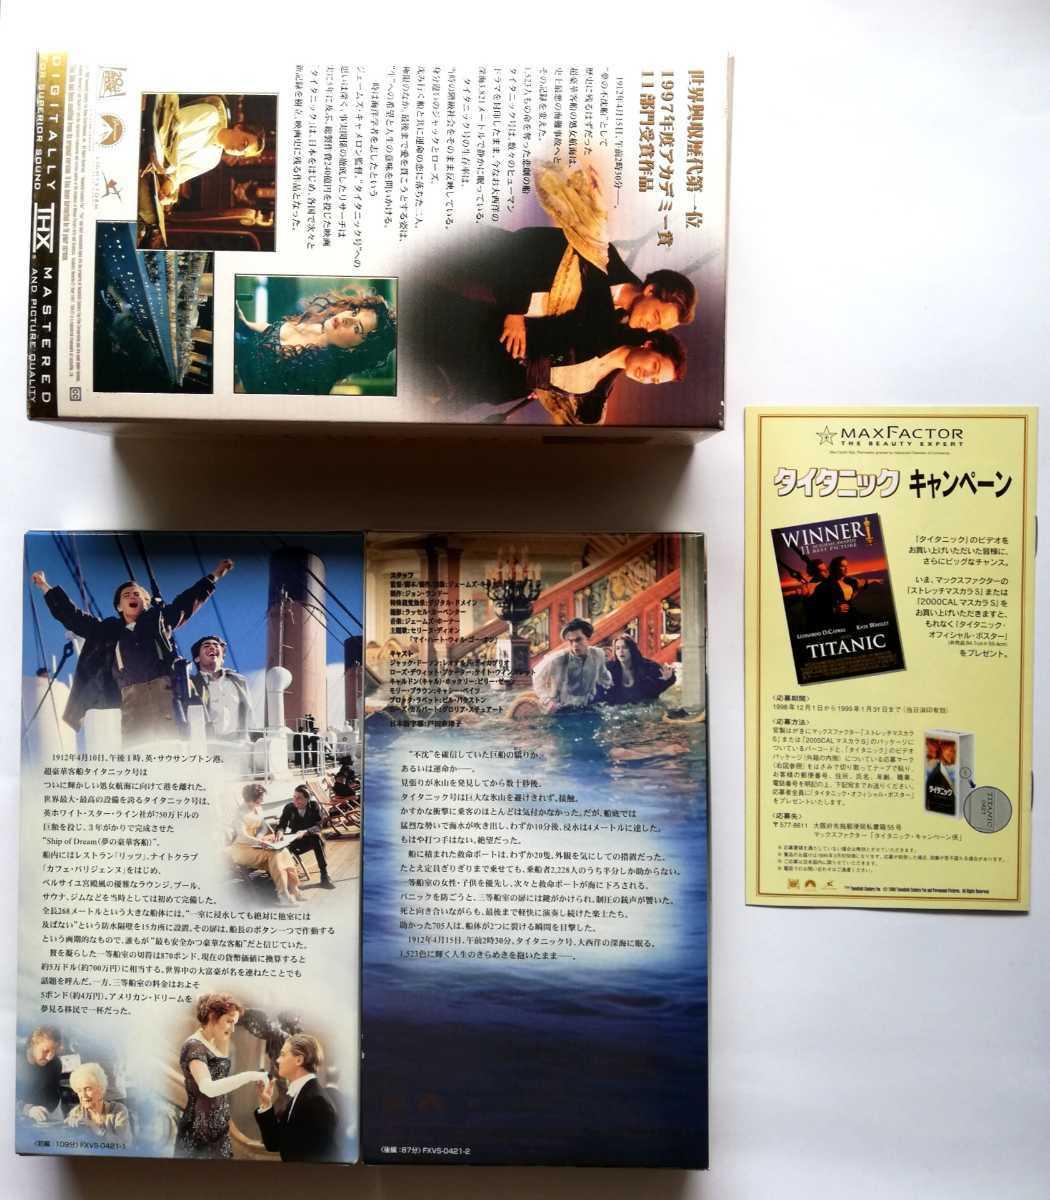 VHS ビデオテープ タイタニック TITANIC 字幕  ジェームズ・キャメロン監督 レオナルド・ディカプリオ ケイト・ウィンスレット _画像2